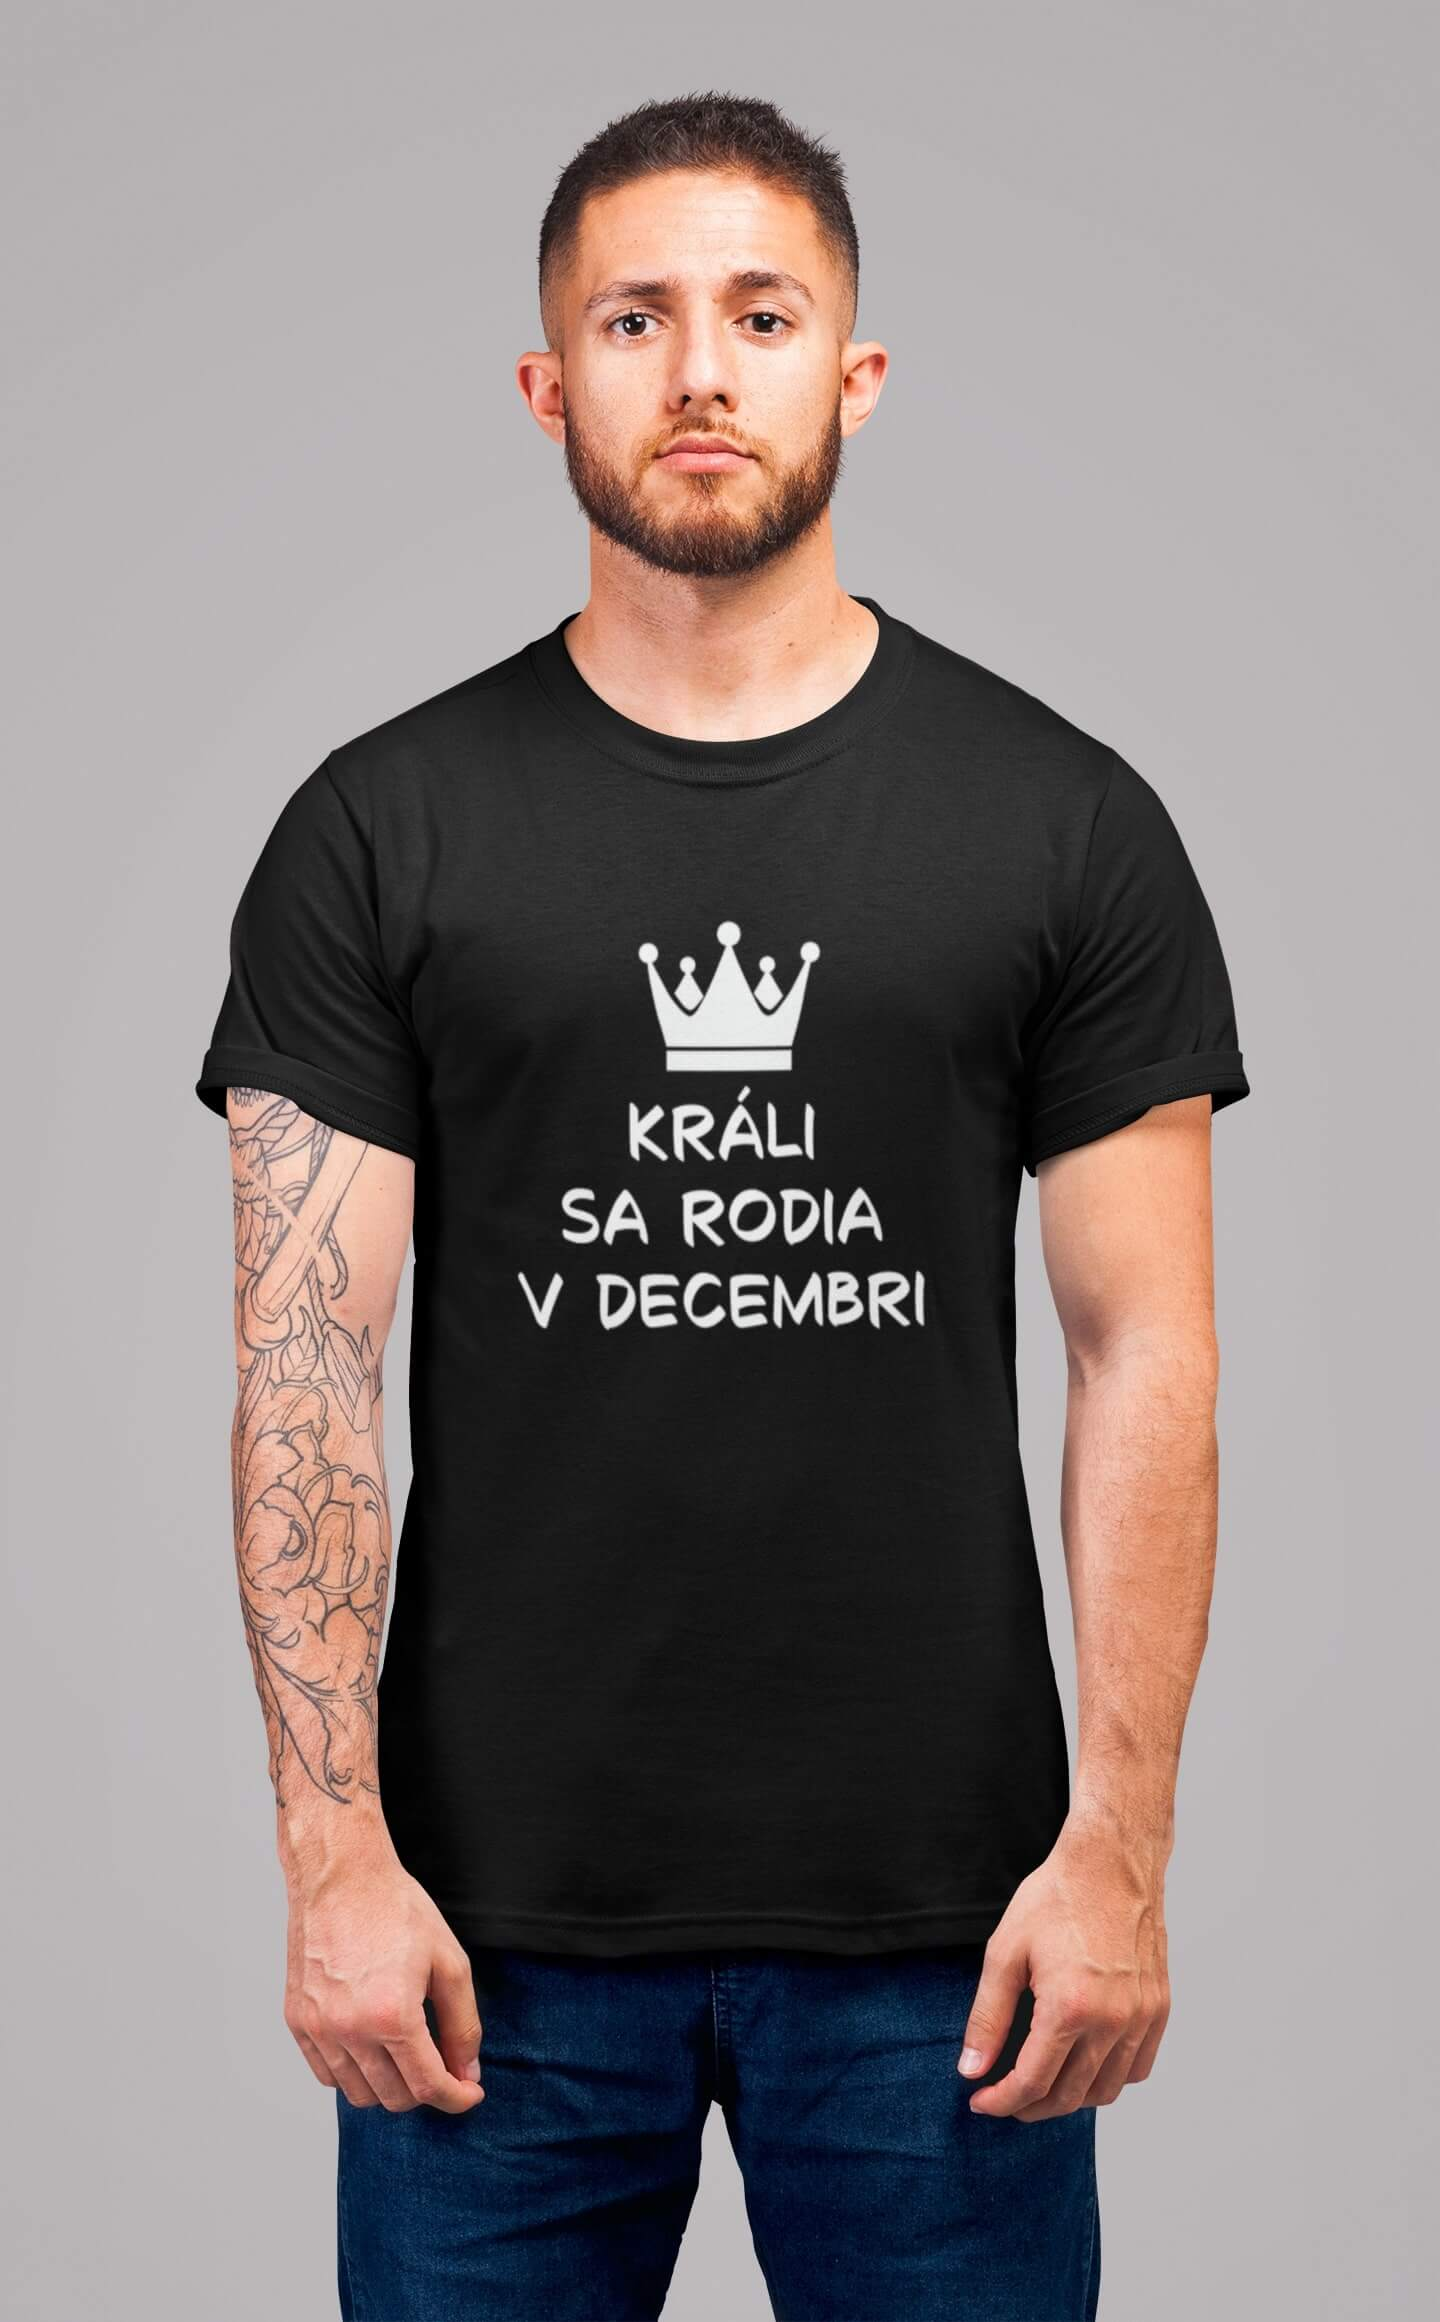 MMO Pánske tričko Králi sa rodia v decembri Vyberte farbu: Čierna, Vyberte veľkosť: L